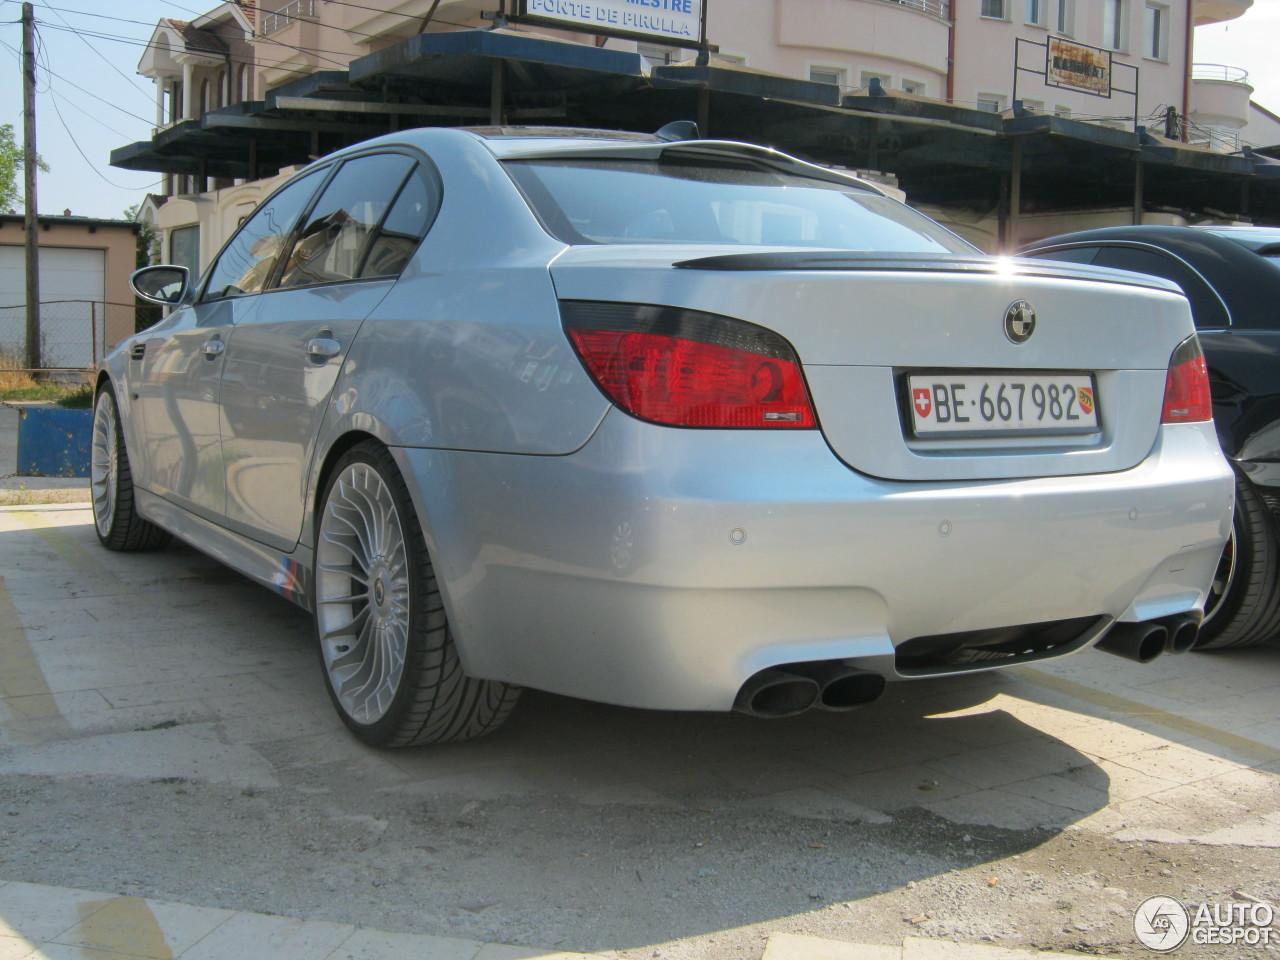 BMW M5 E60 2007 - 14 March 2014 - Autogespot